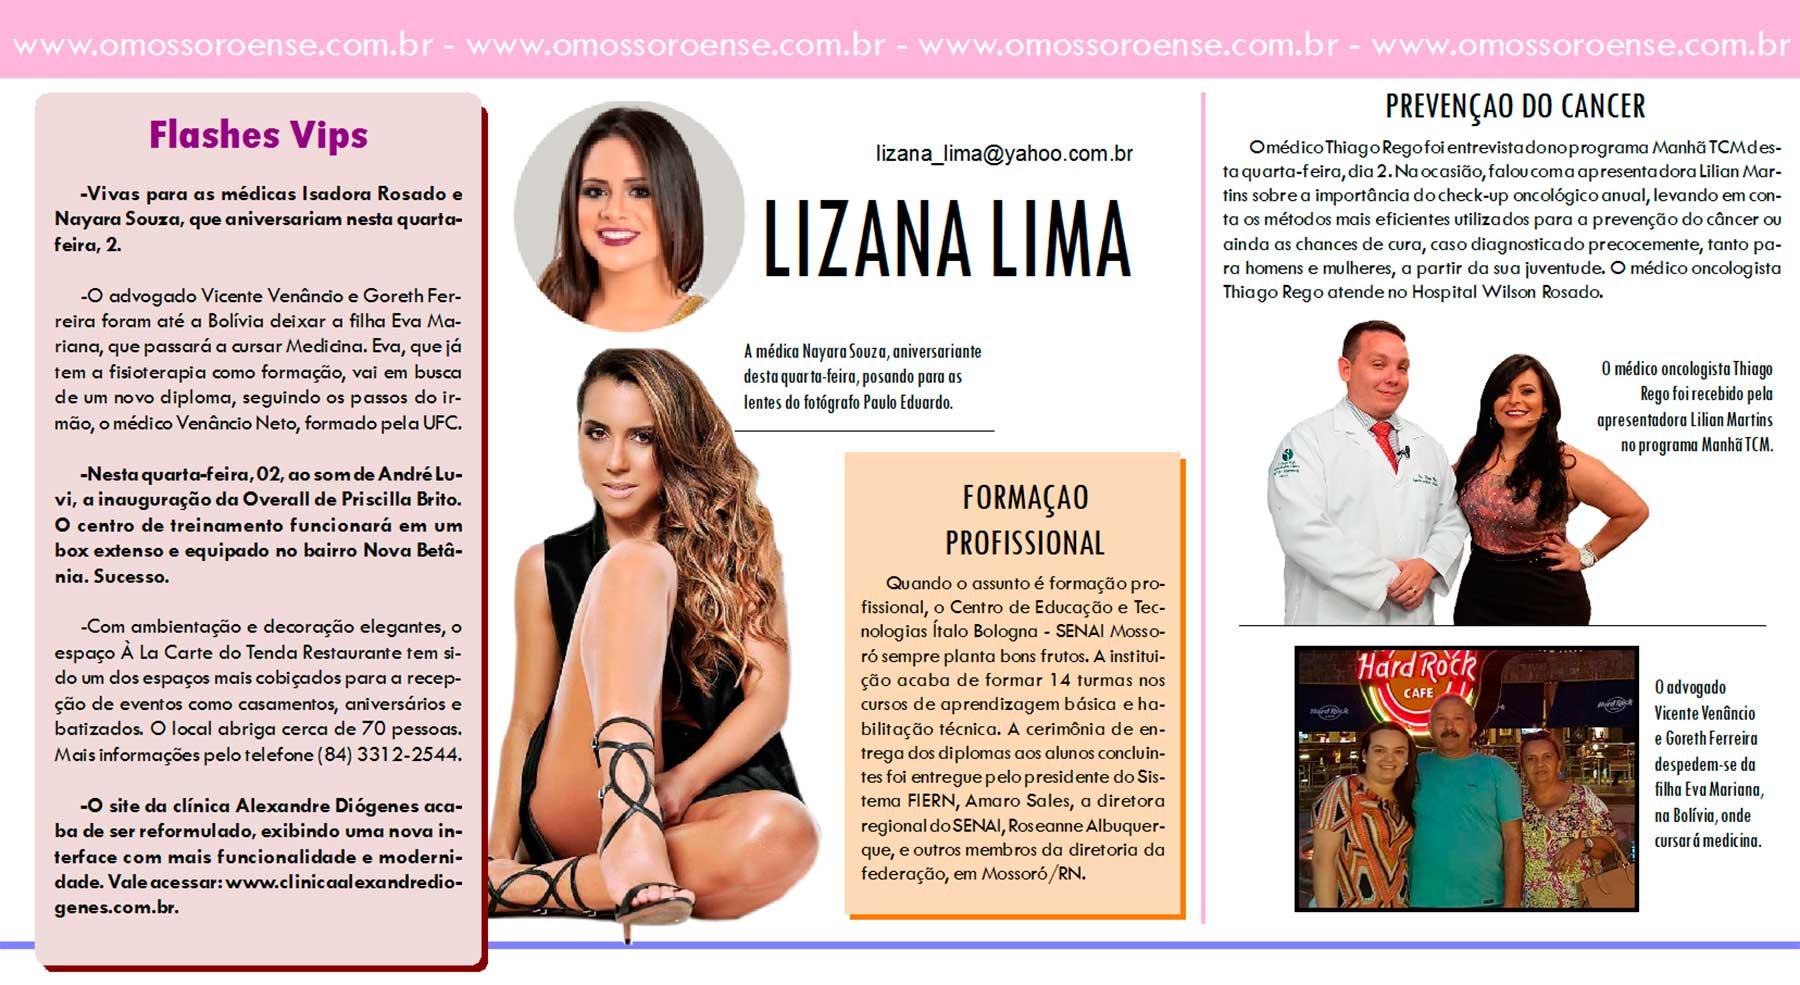 LIZANA-LIMA-02-03-16